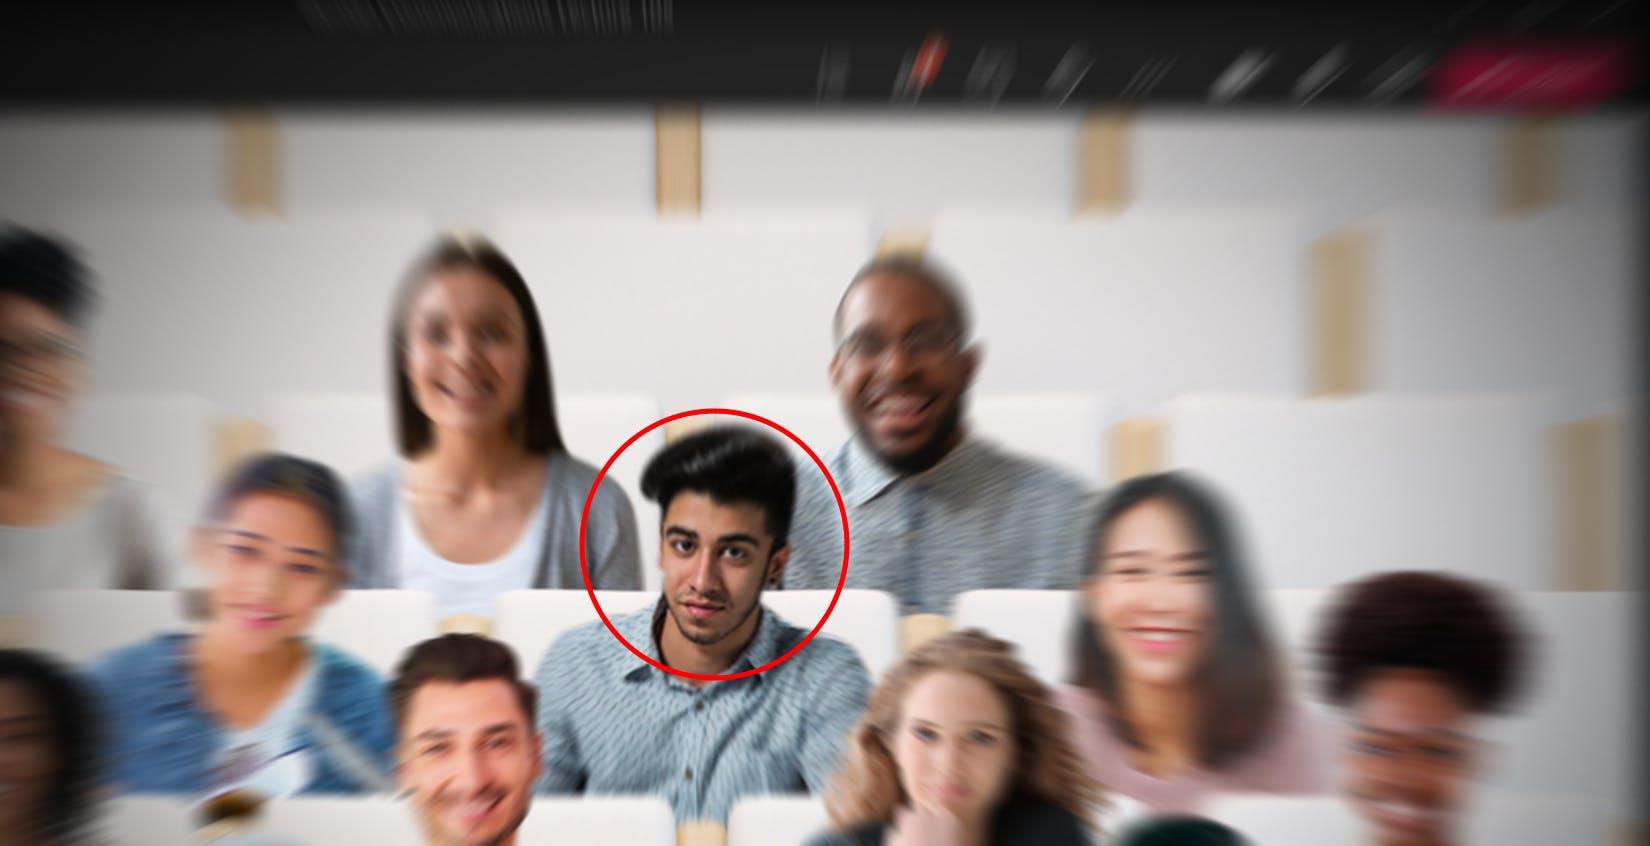 Microsoft Teams sa troppe cose sugli studenti: la denuncia di un attivista dei diritti digitali